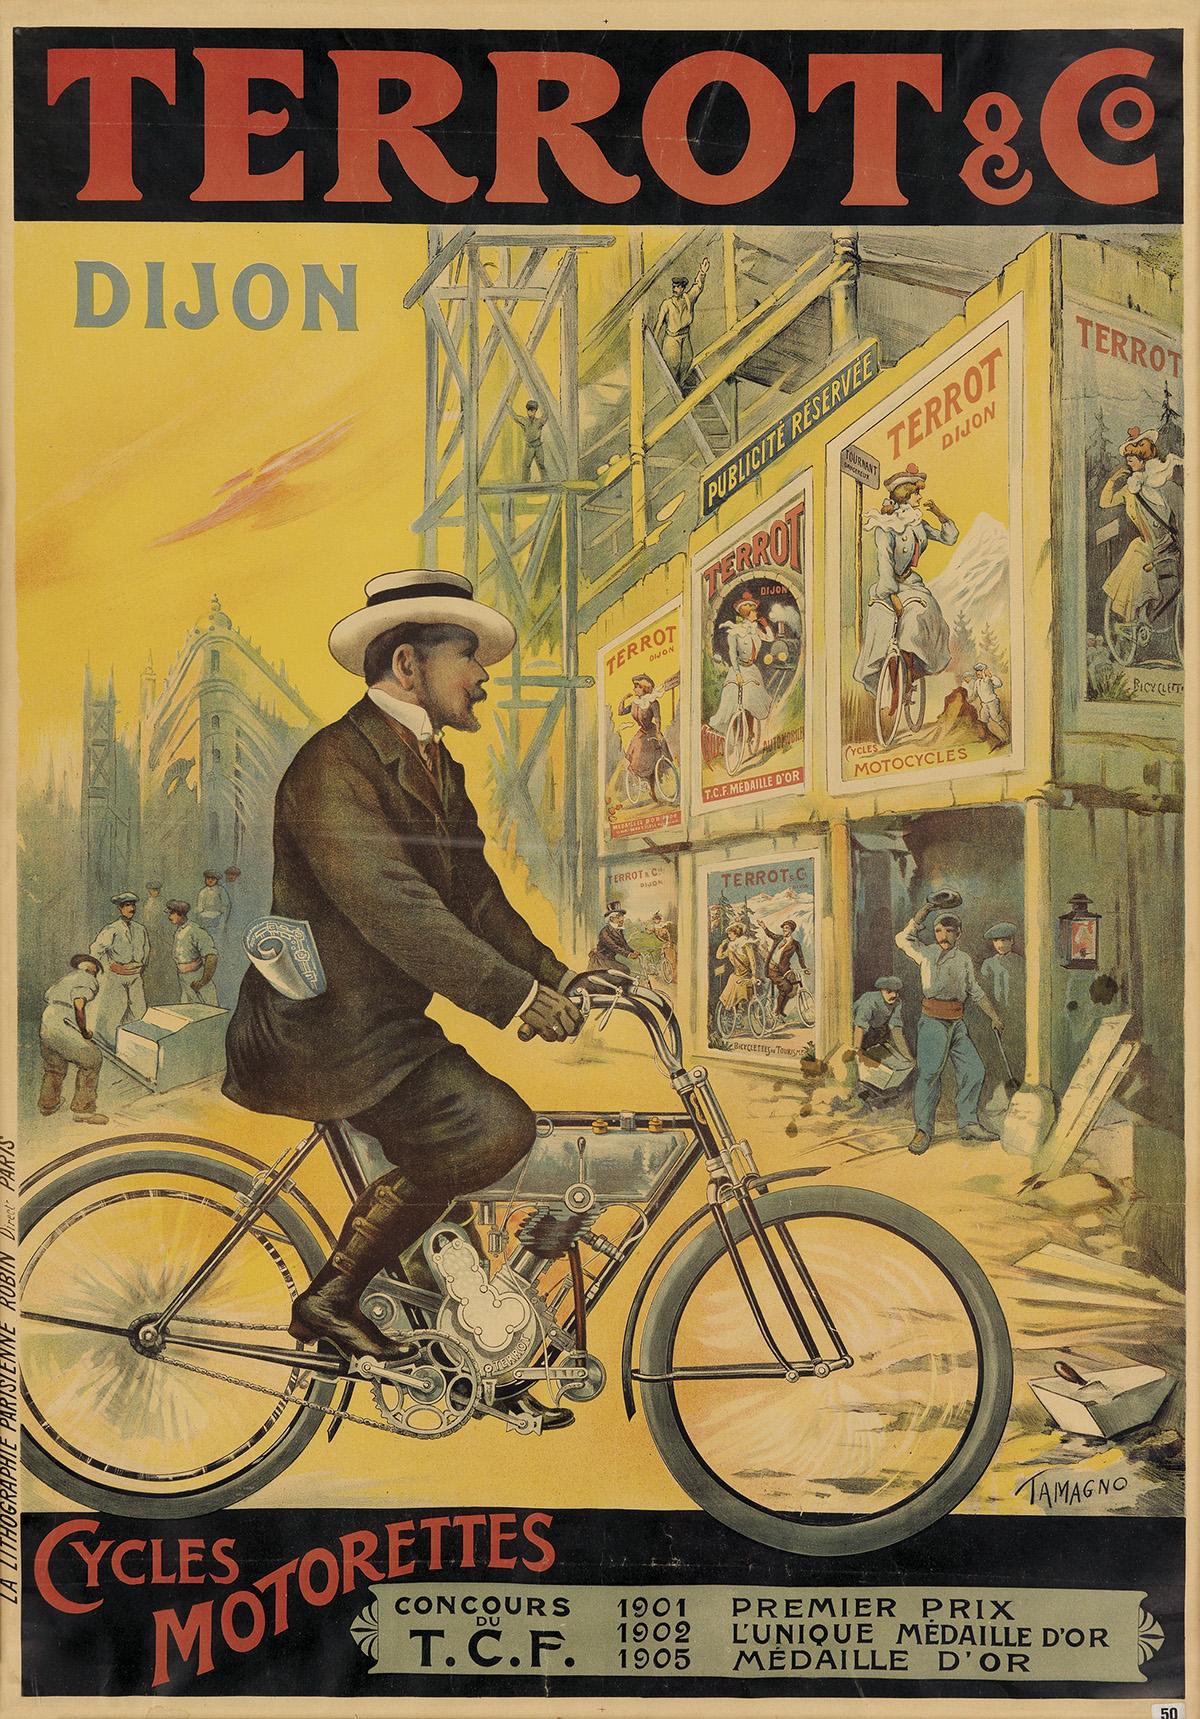 FRANCISCO TAMAGNO (1851-1933). TERROT & CO. / CYCLES MOTORETTES. 1909. 52x36 inches, 134x93 cm. La Lithographie Parisienne Rubin, Paris